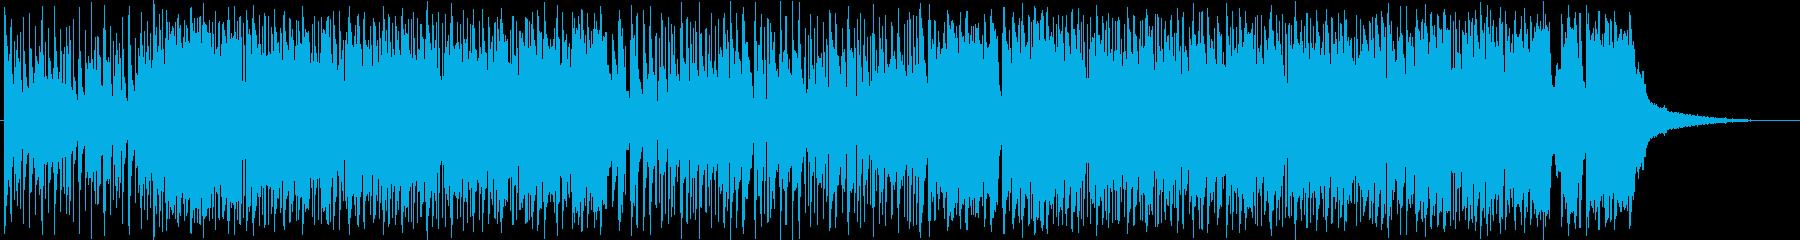 わくわく ハイテンションな電波ソングの再生済みの波形